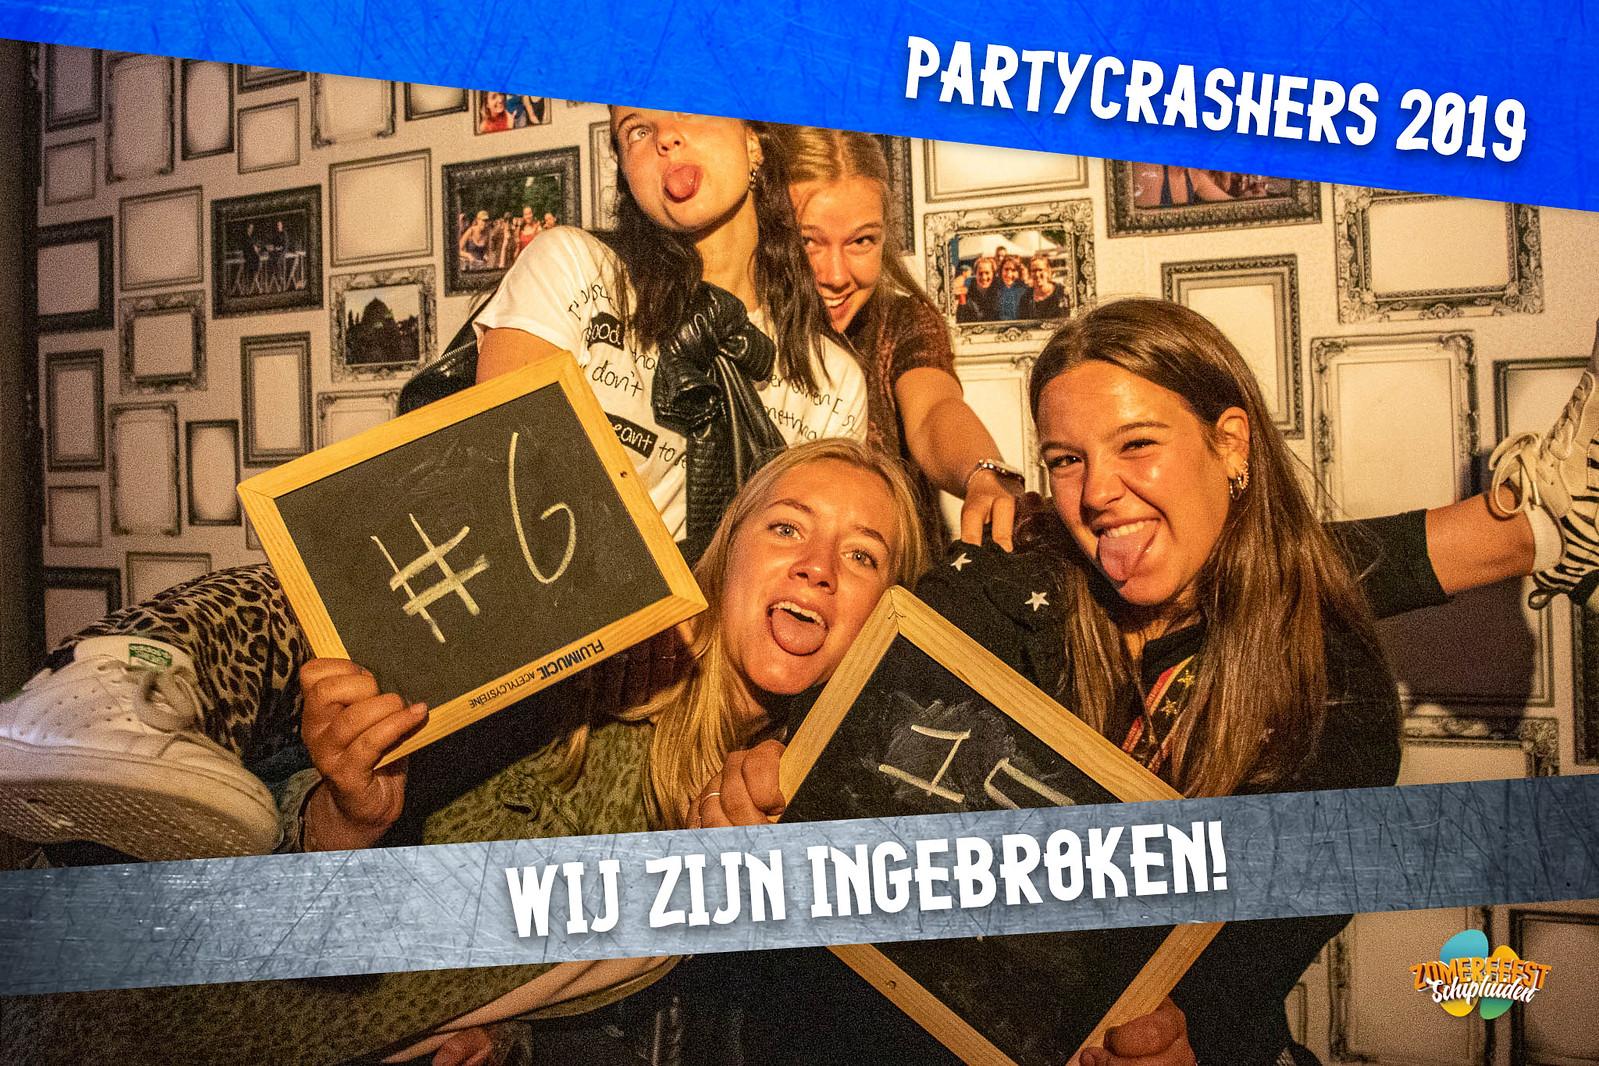 partycrashers-33_0004_Blauw copy 6